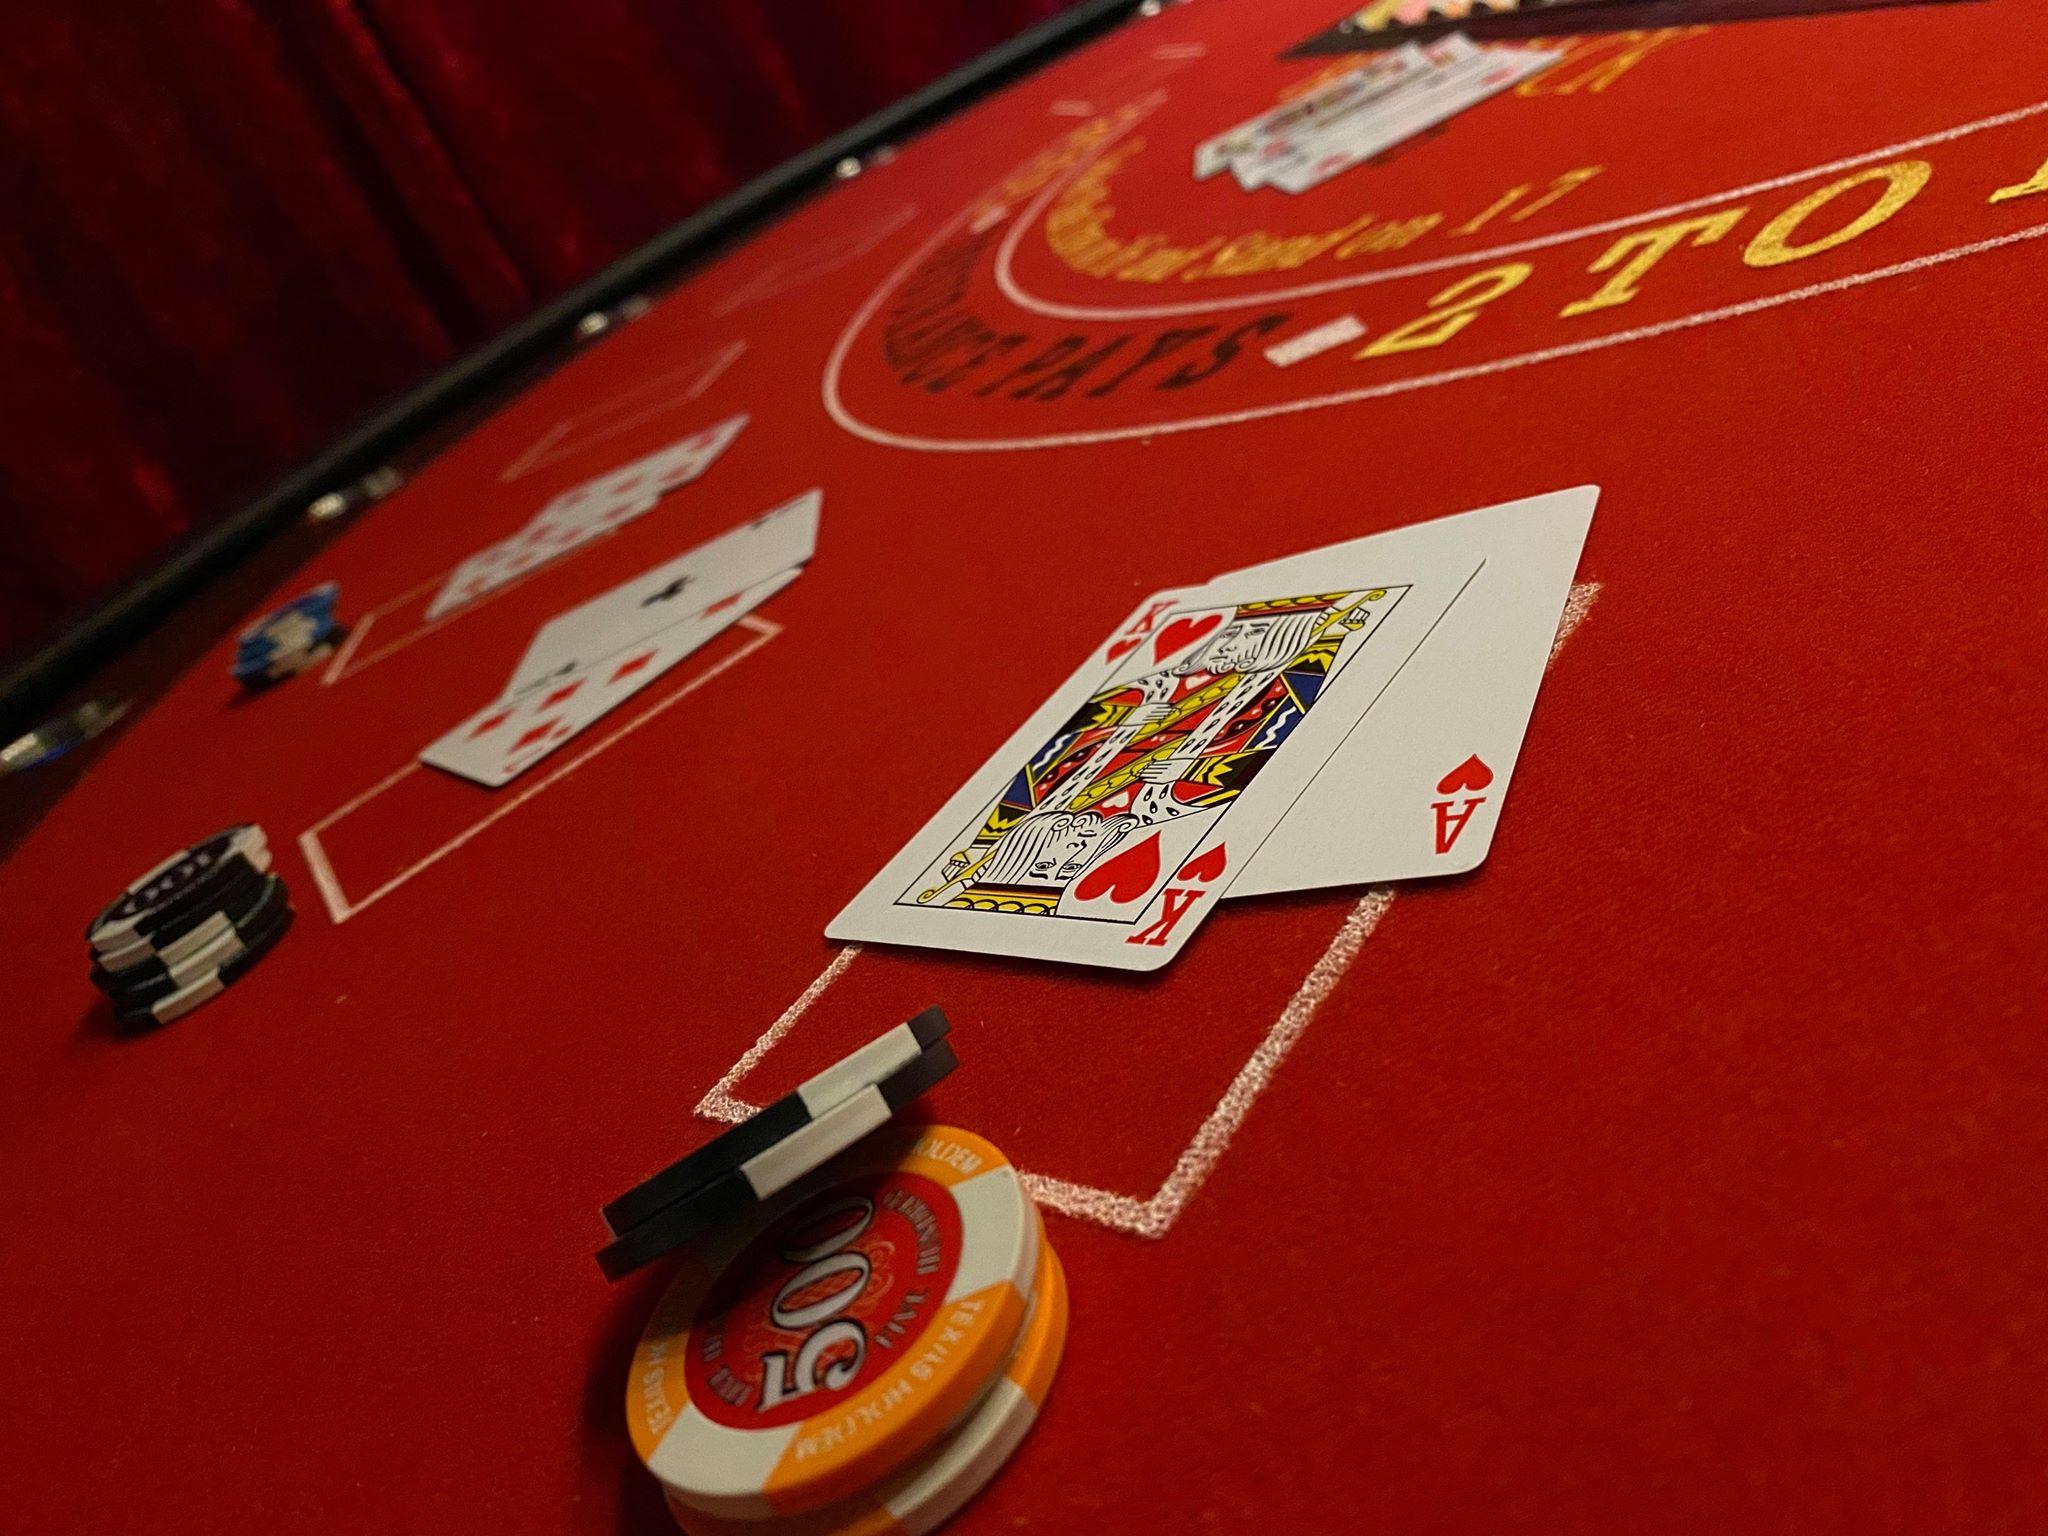 vizium-casino-decor